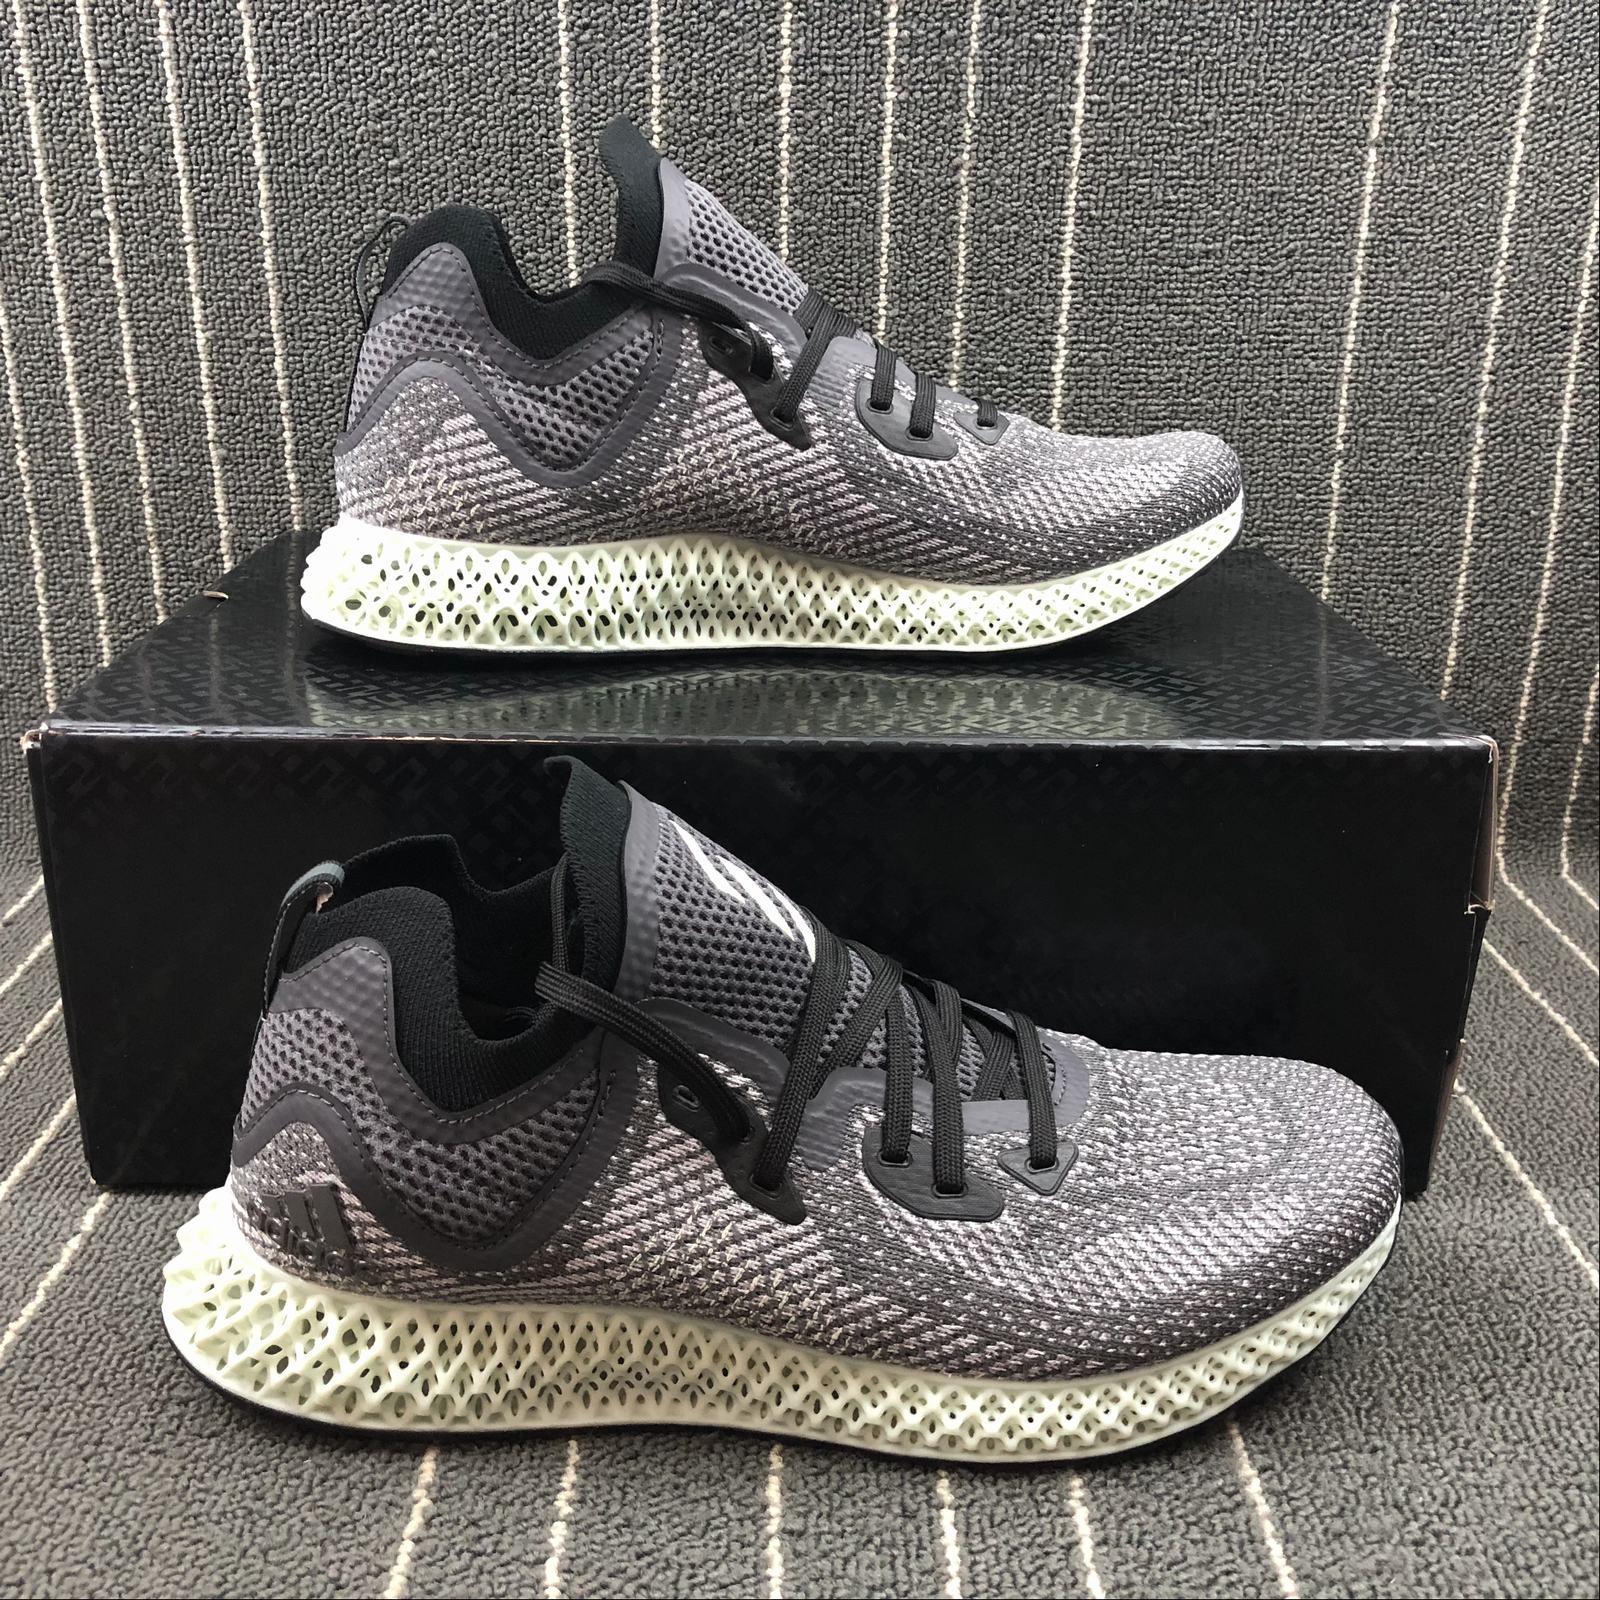 giay-sneaker-adidas-alphaedge-4d-asw-ac8485